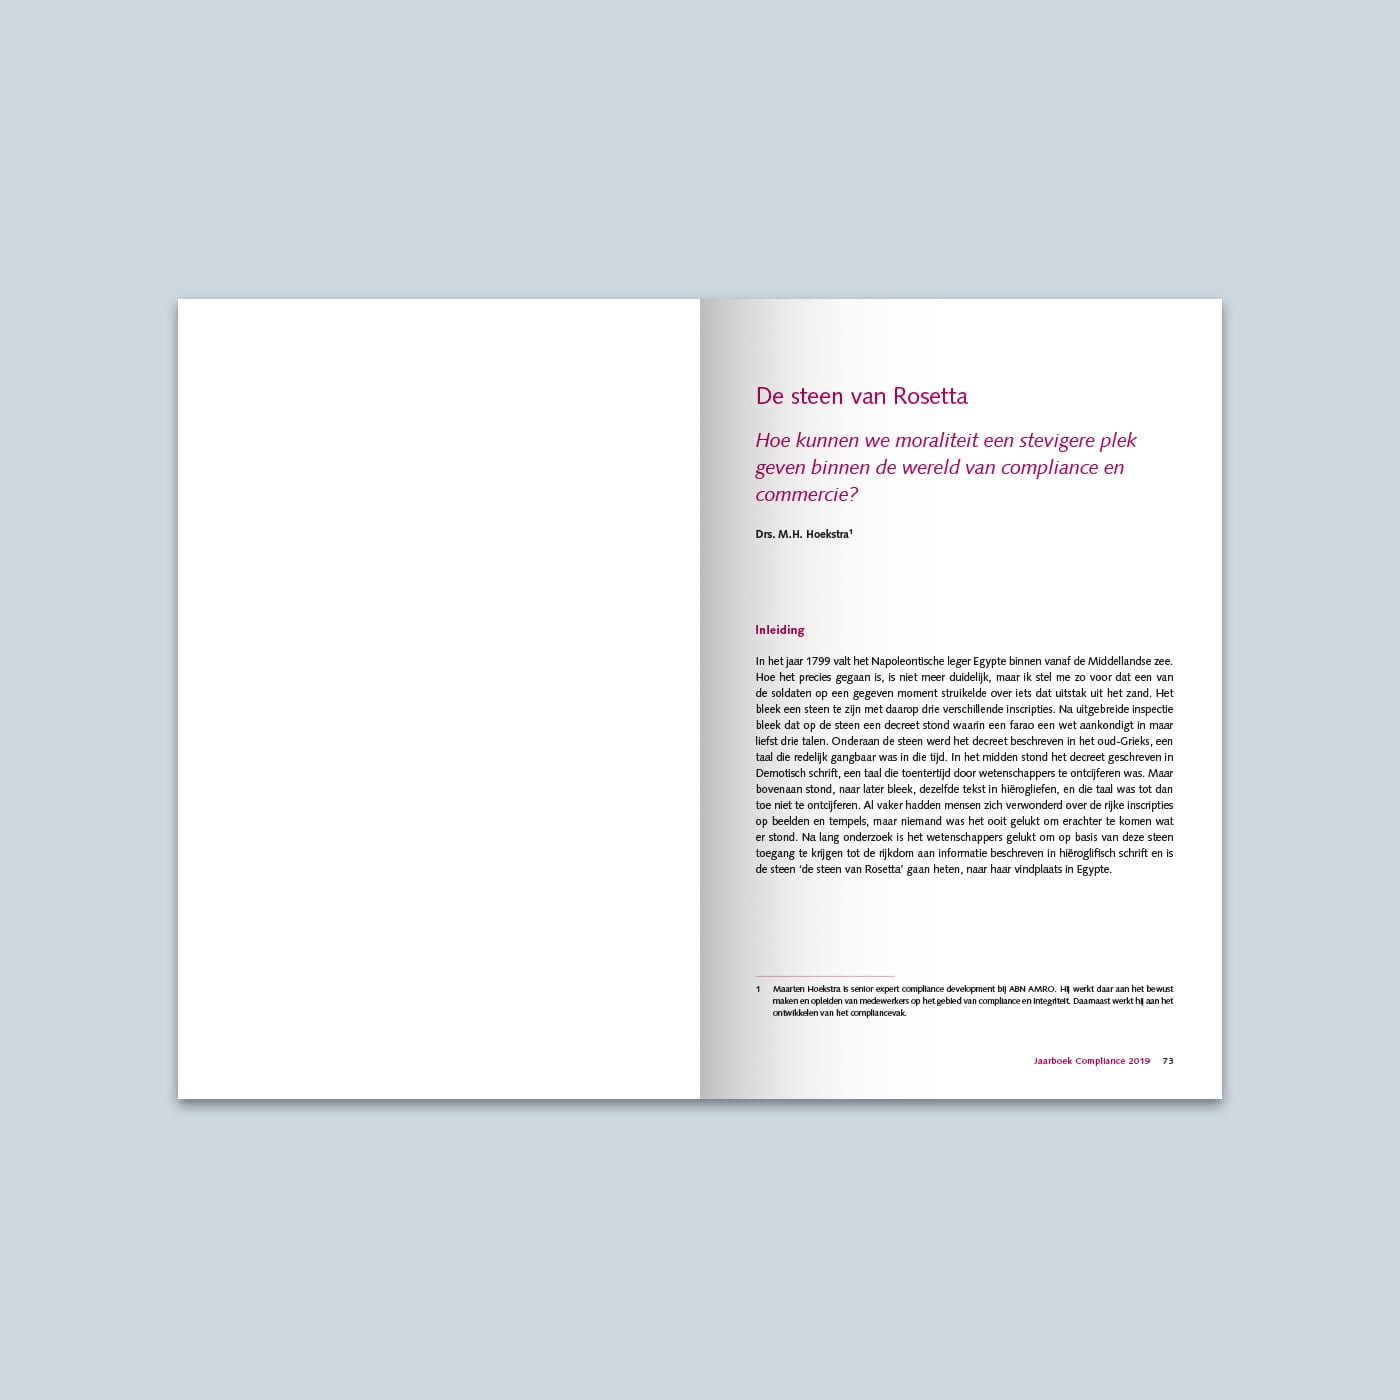 Jaarboek Compliance 2019 binnenwerk 4